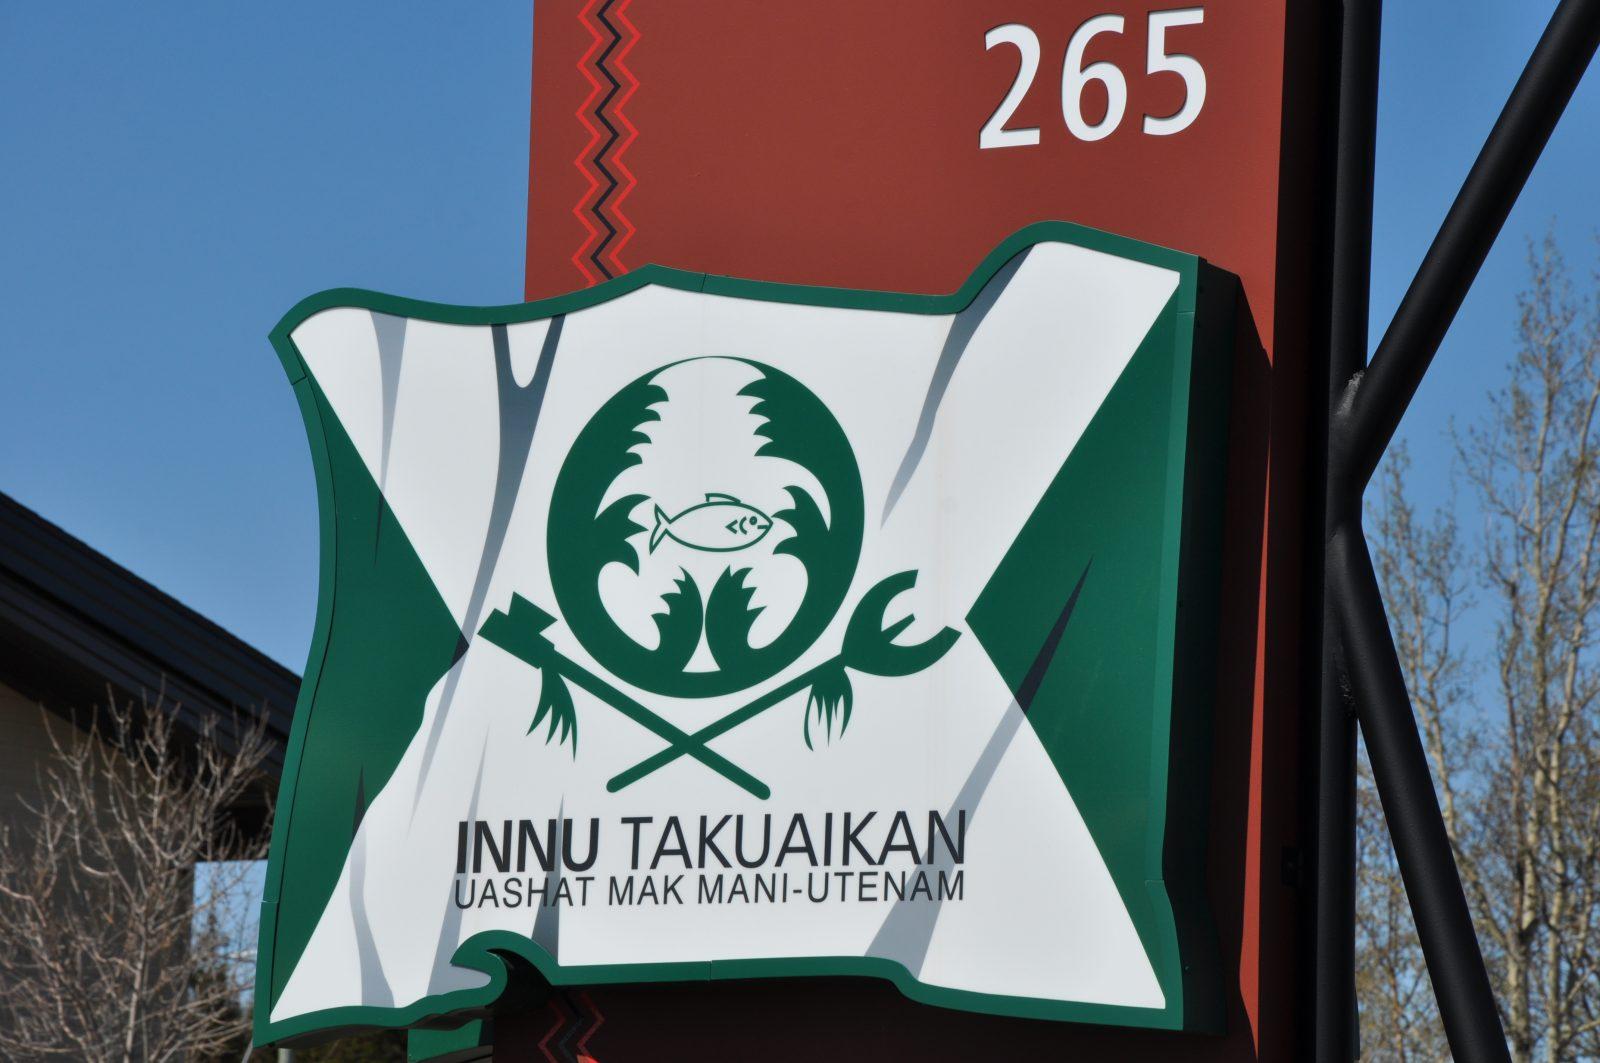 COVID-19 : un cas présumé à Uashat mak Mani-utenam